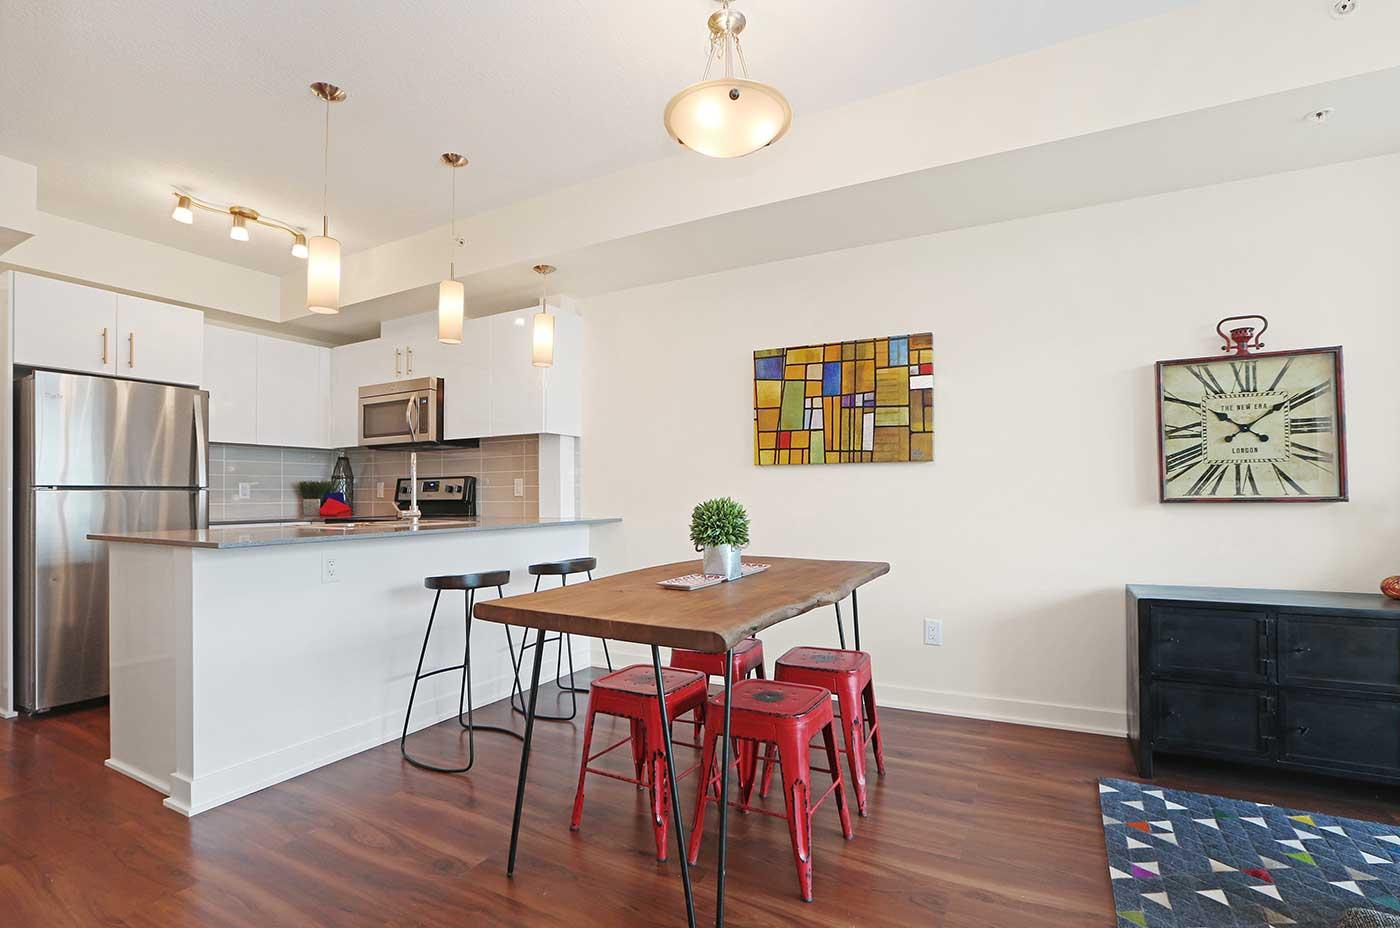 1215 Rental Apartments - One bedroom F2 Livingroom alternate view